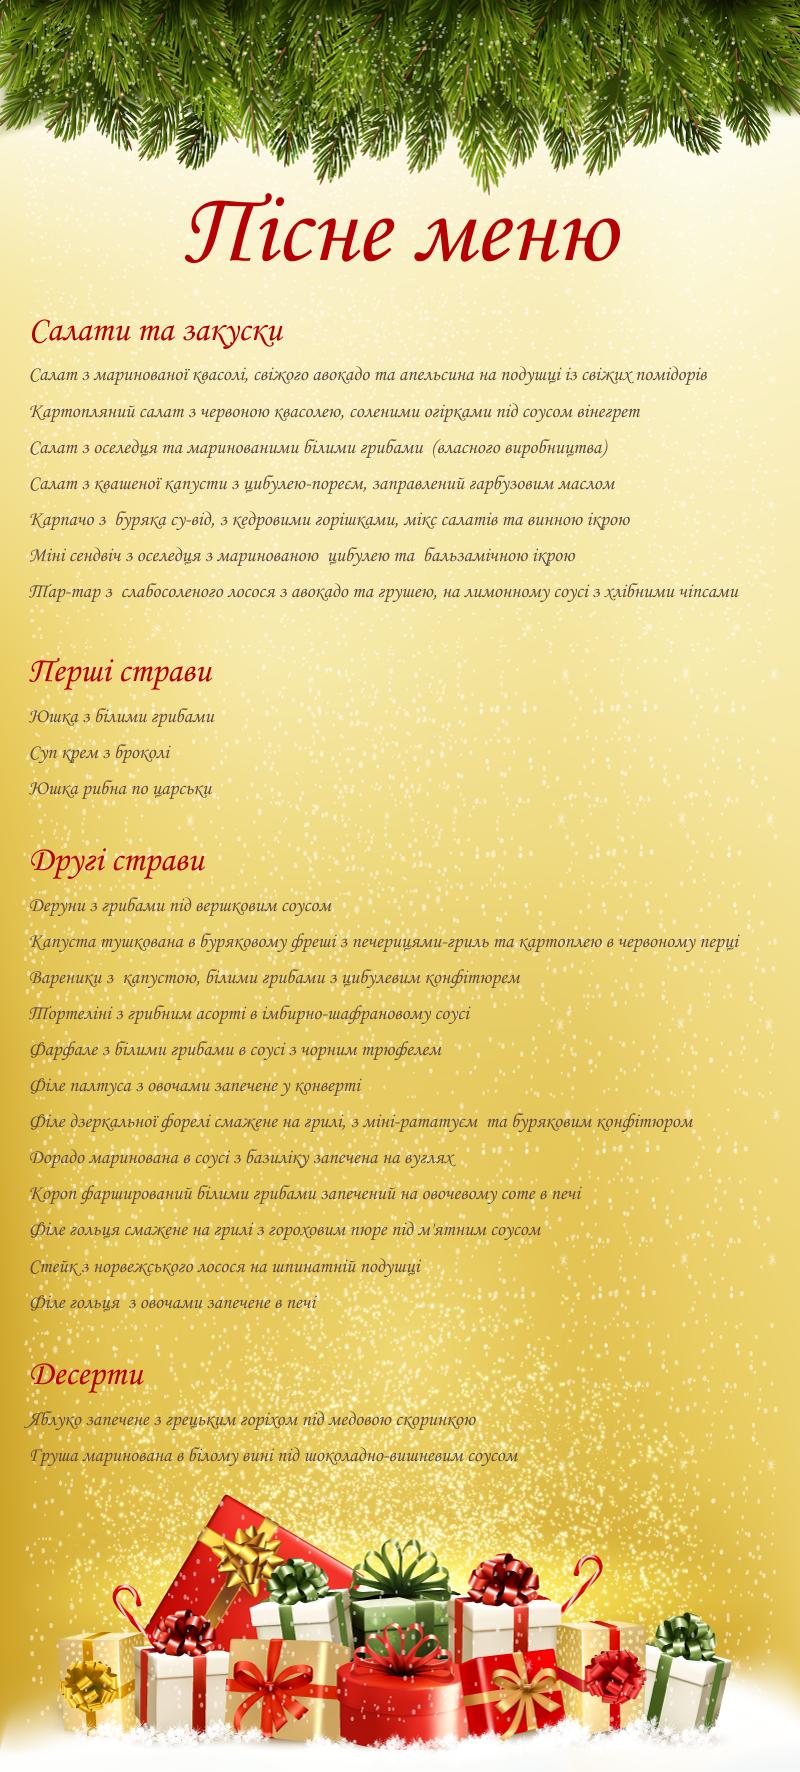 Різдвяне пісне меню в Чарда